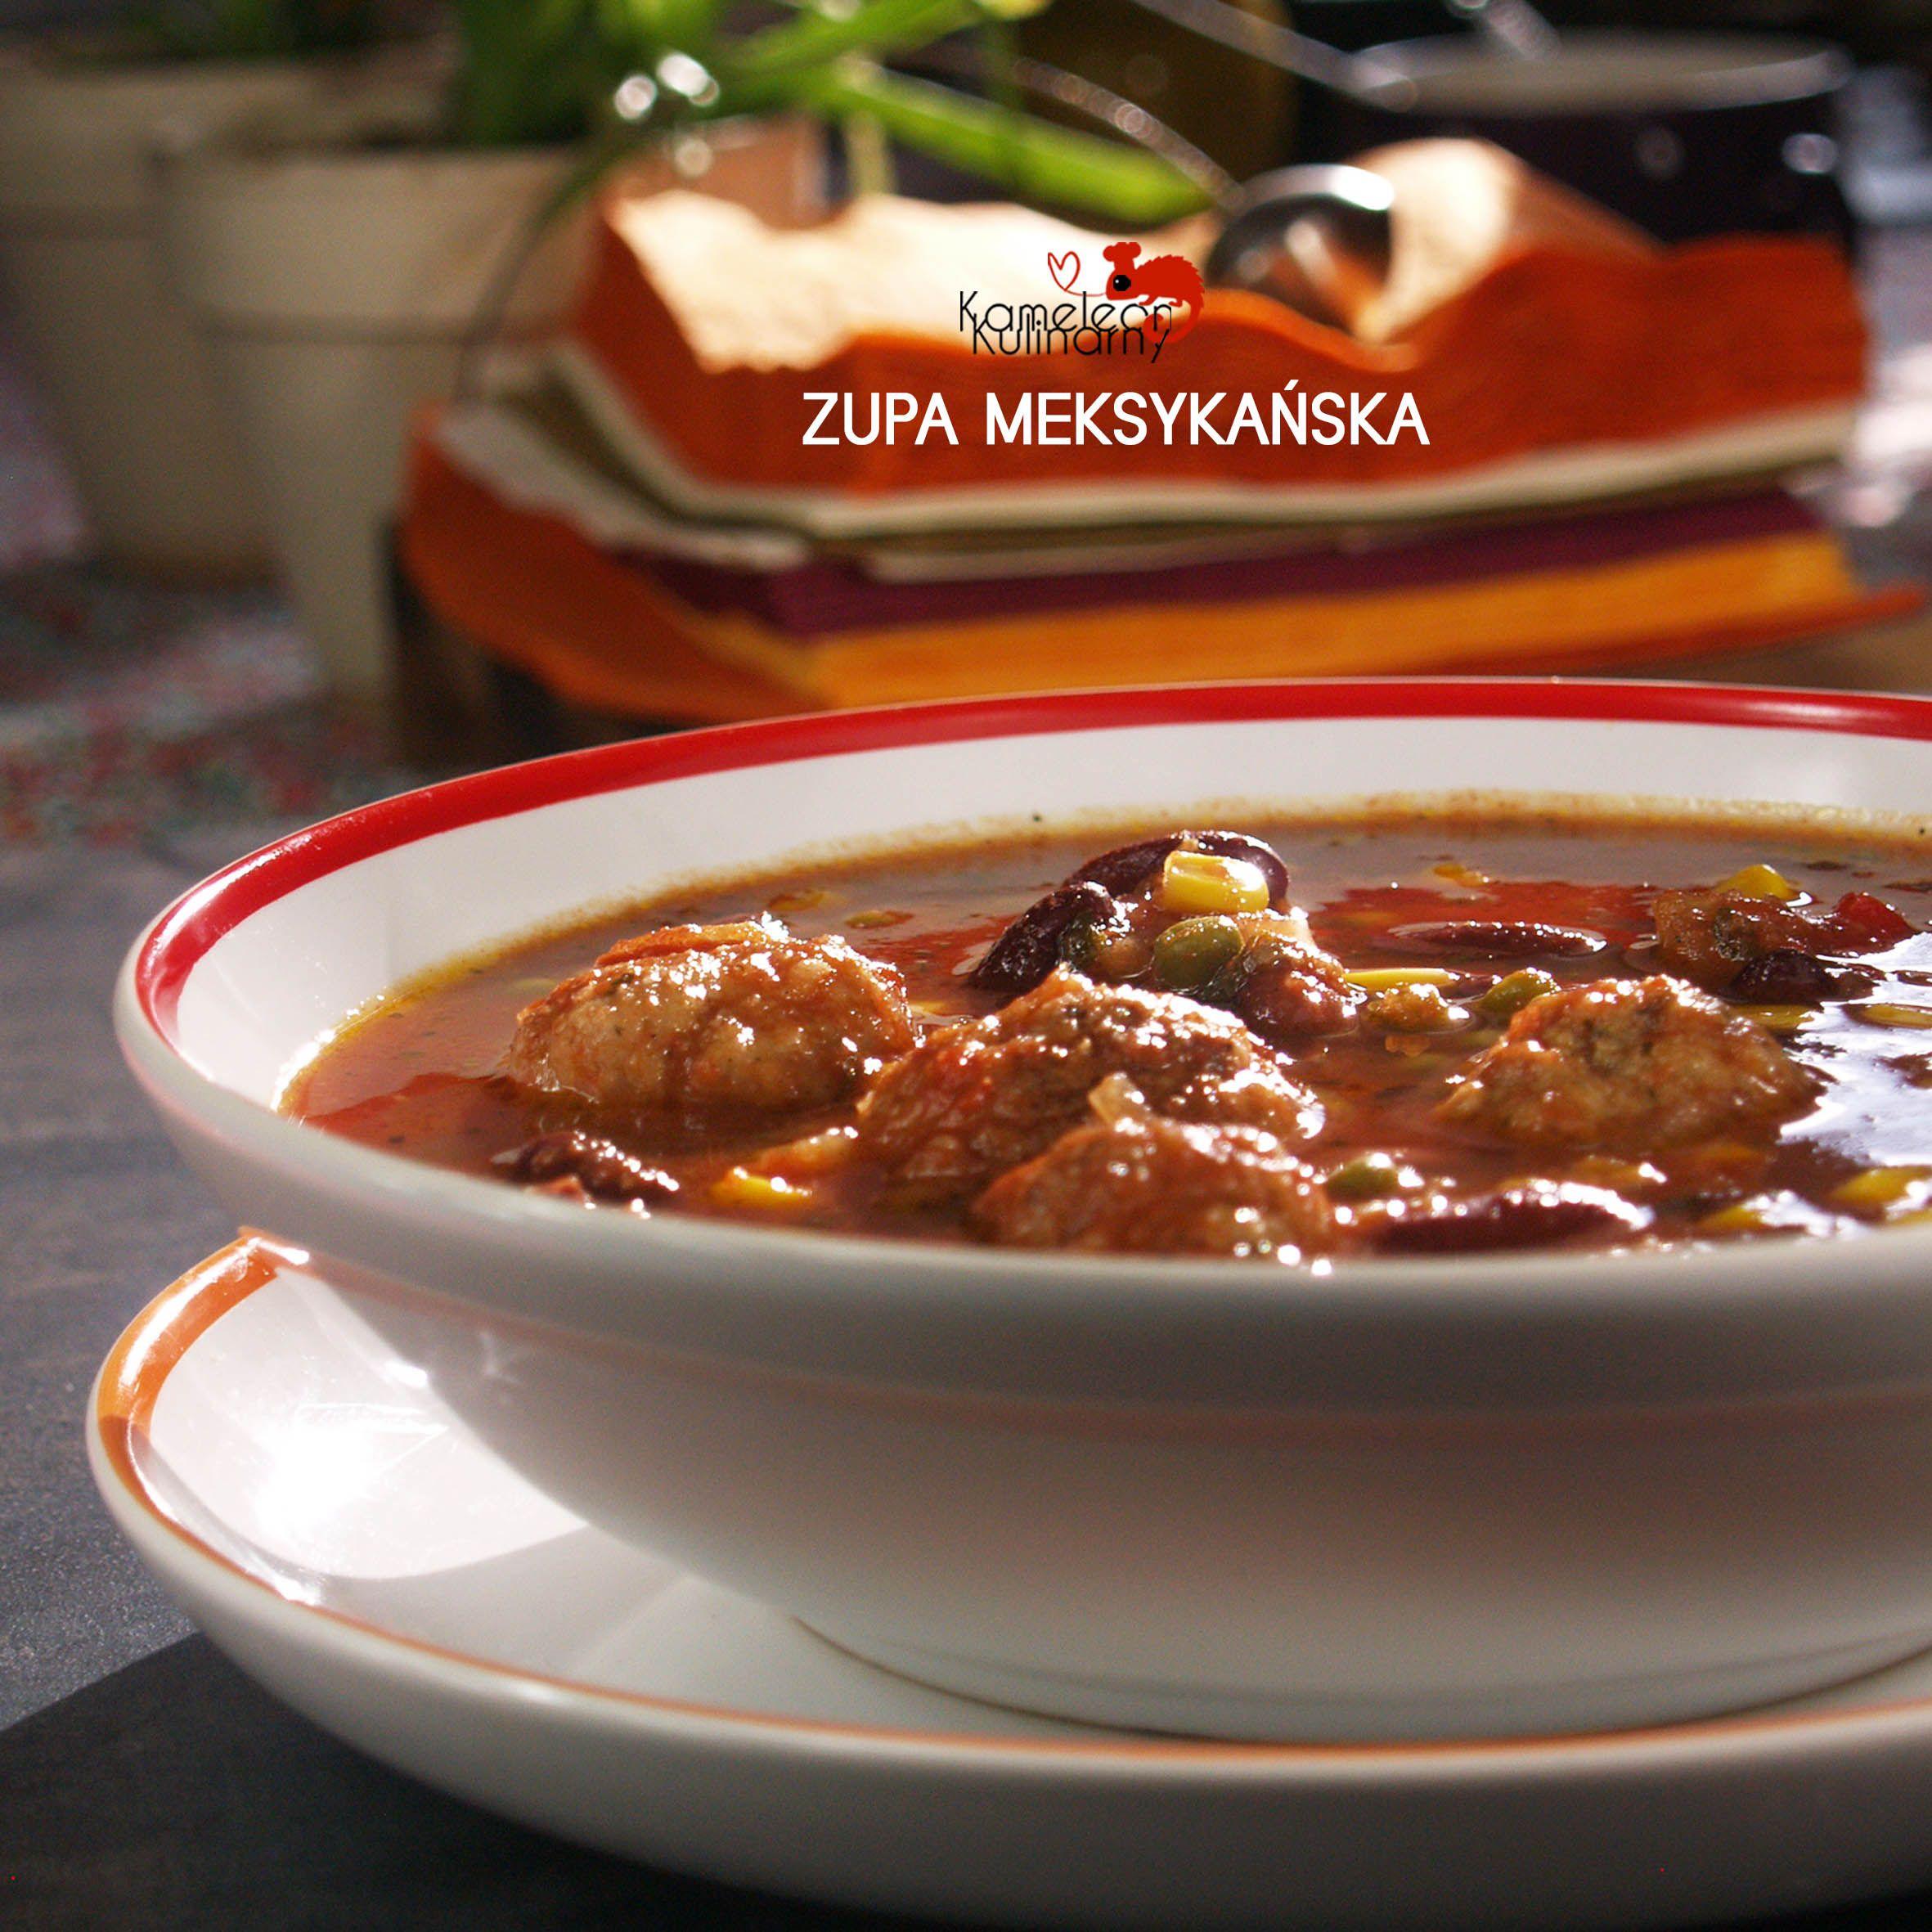 Zupa Meksykanska Z Miesnymi Kulkami Pozywna I Rozgrzewajaca Soup Food Chili